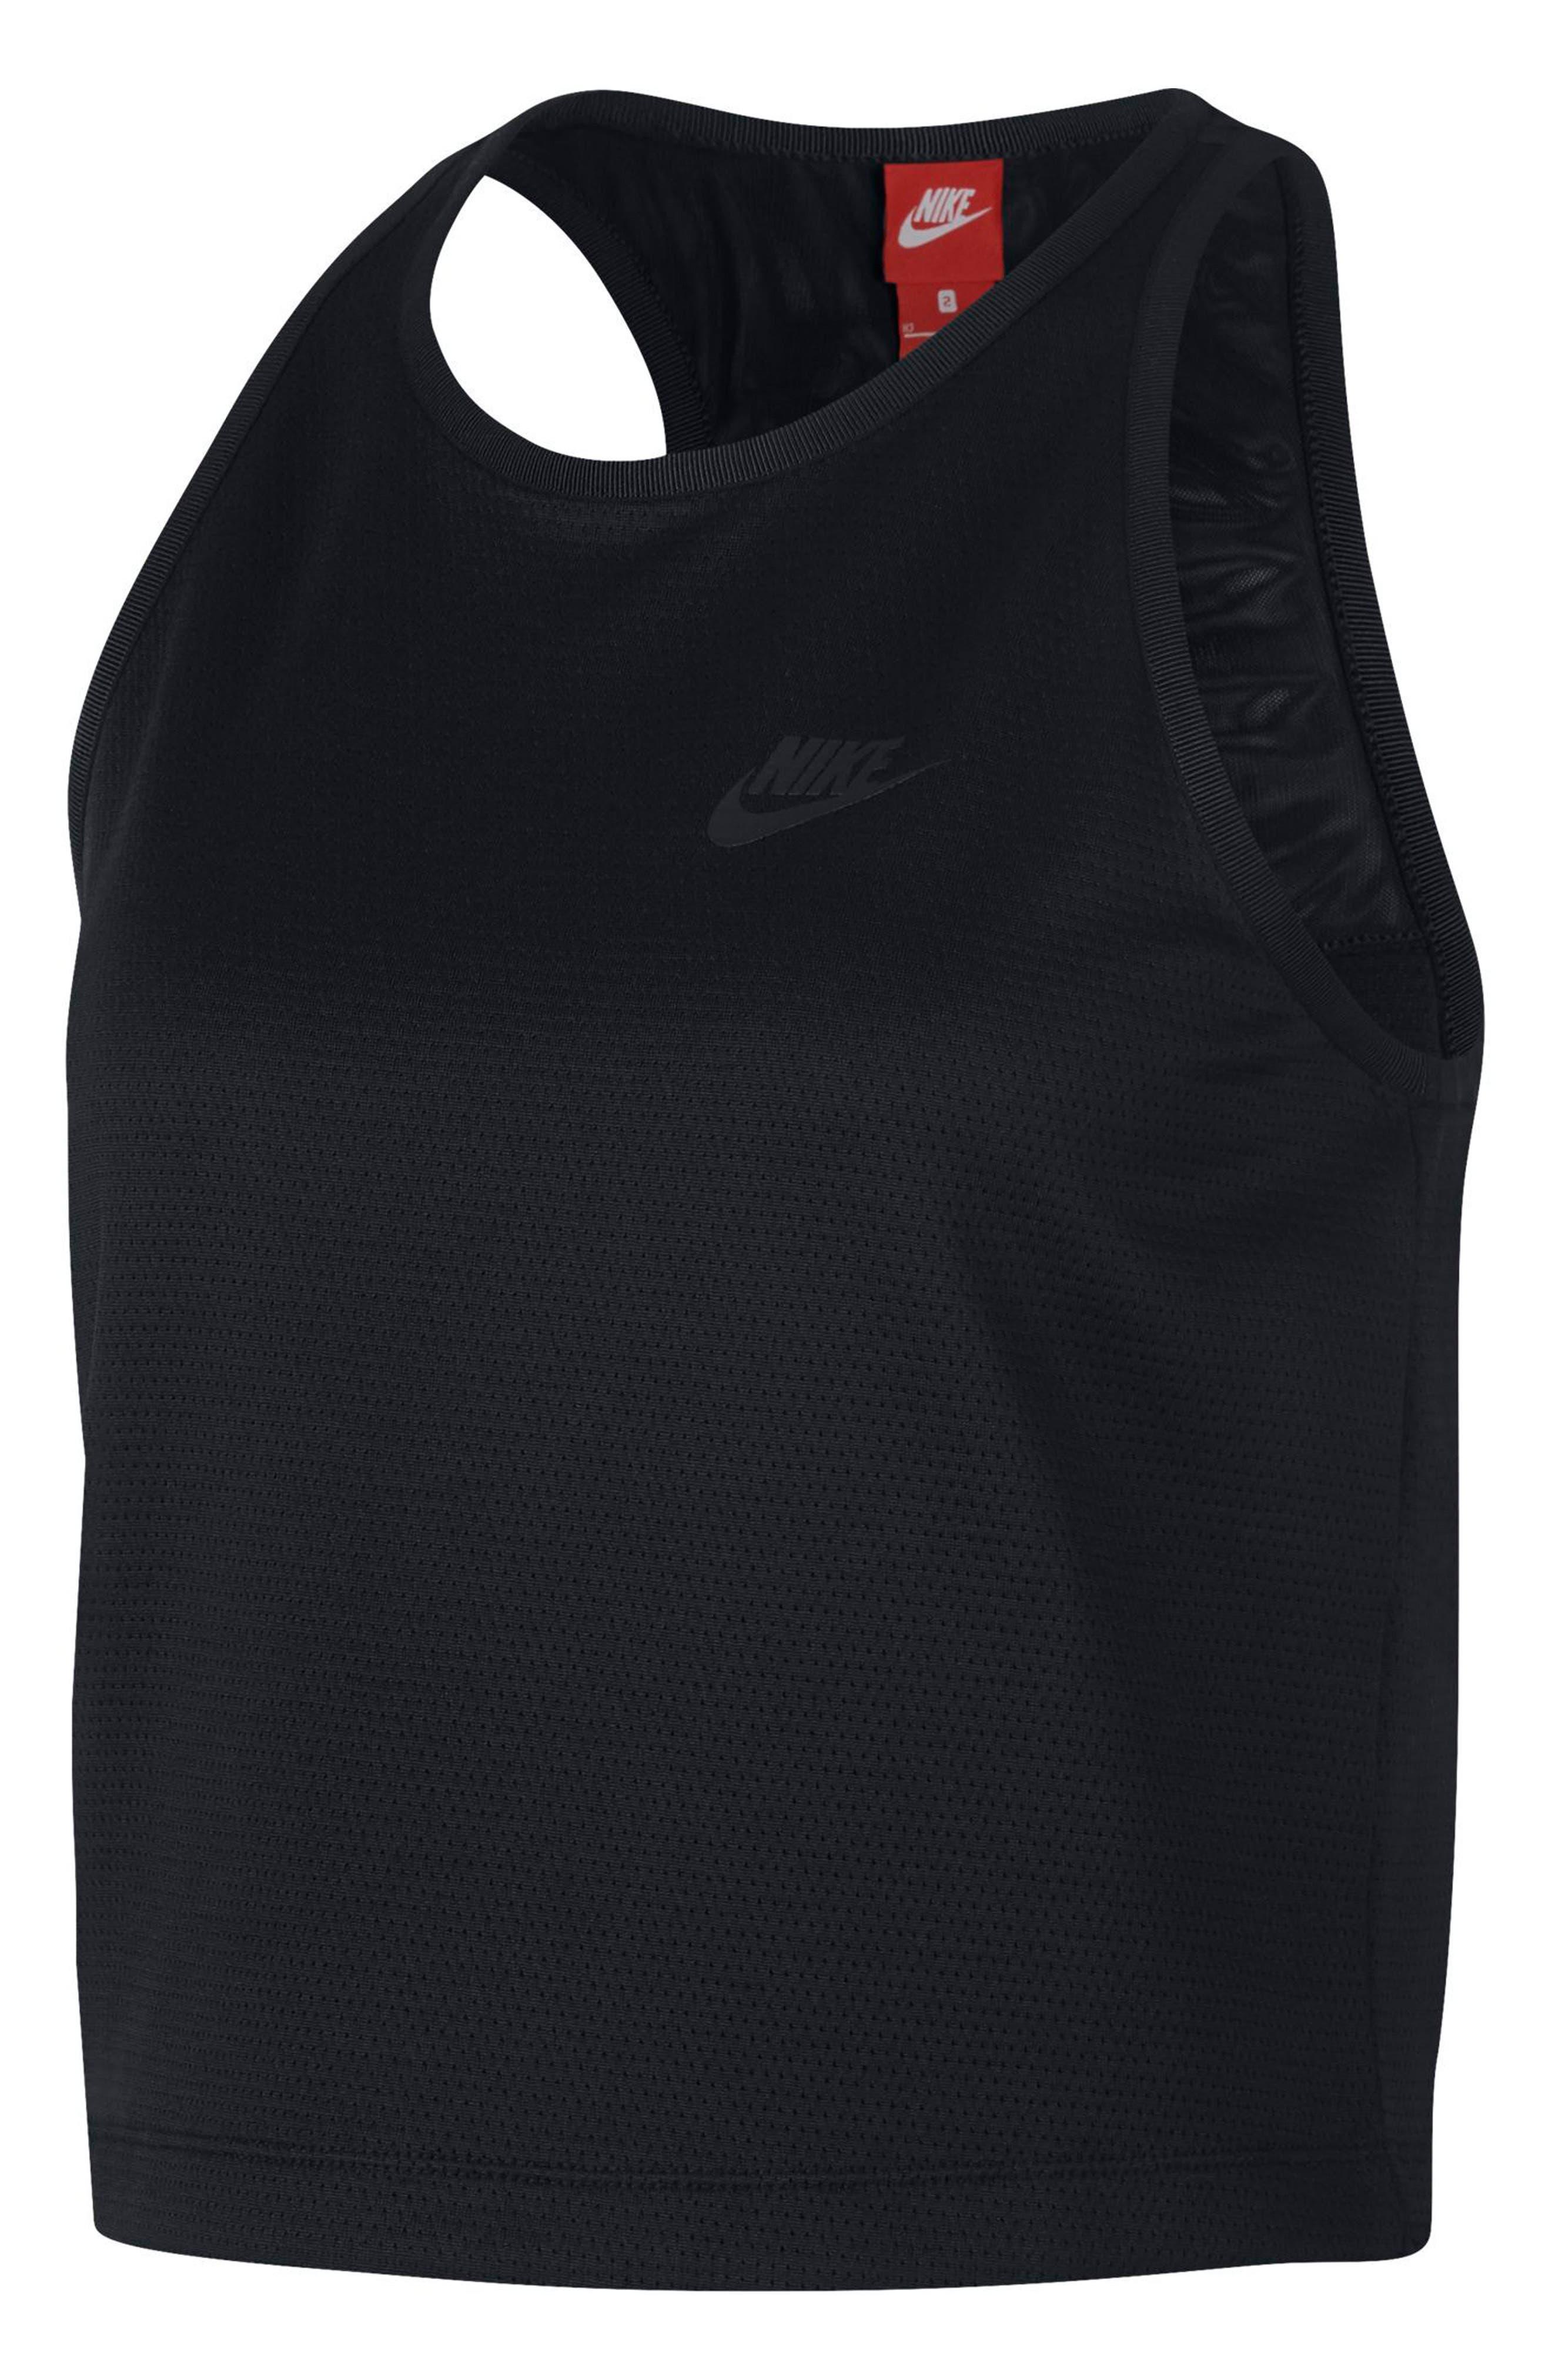 Nike Sportswear Tech Fleece Women's Crop Tank